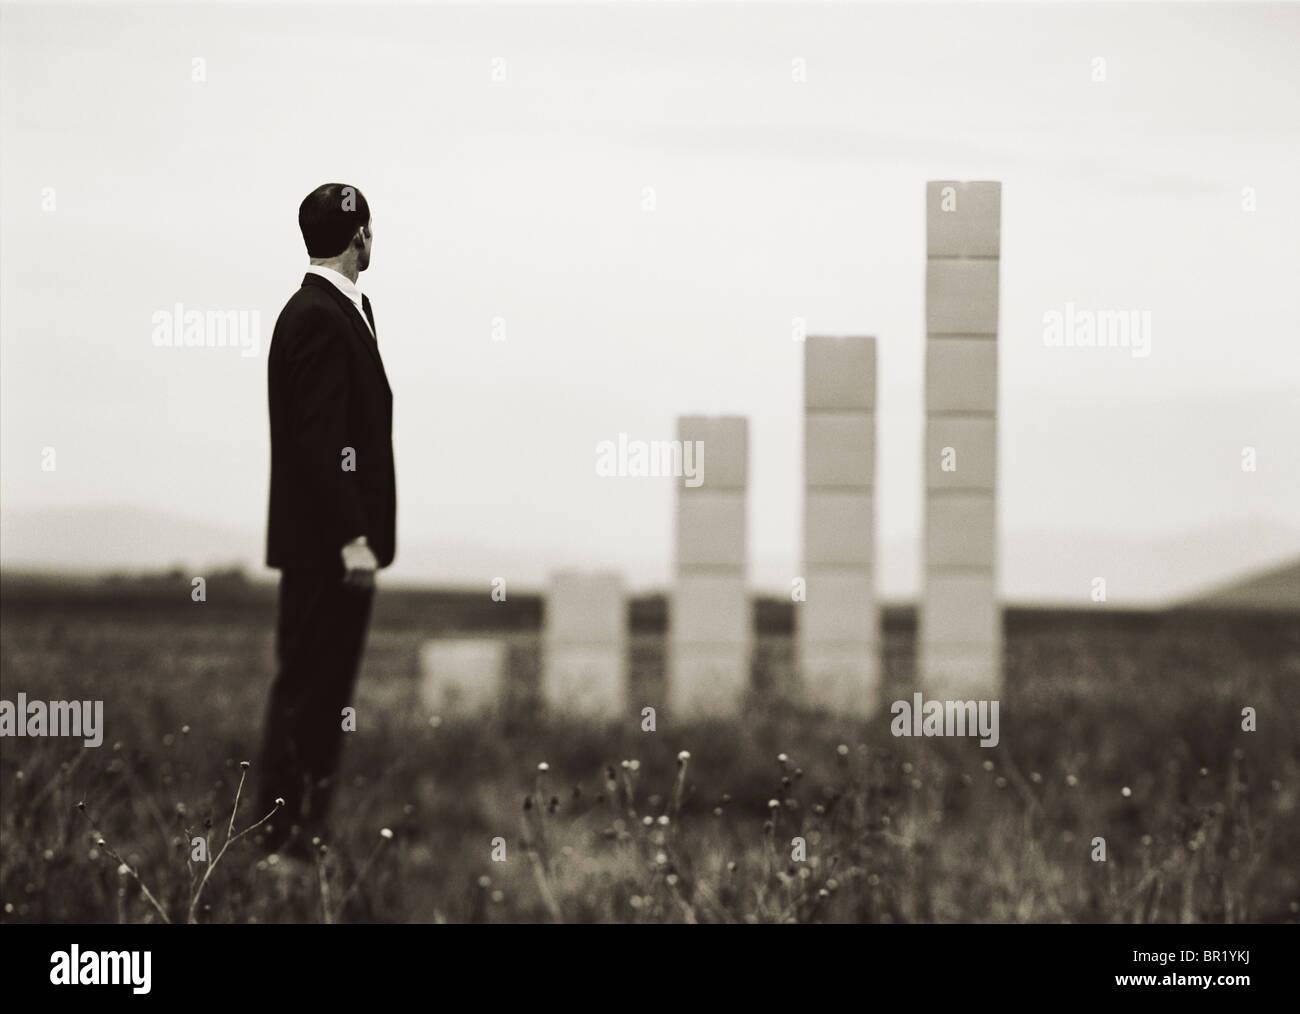 Uomo fuori sul campo con accatastamento casse che formano un grafico. Immagini Stock